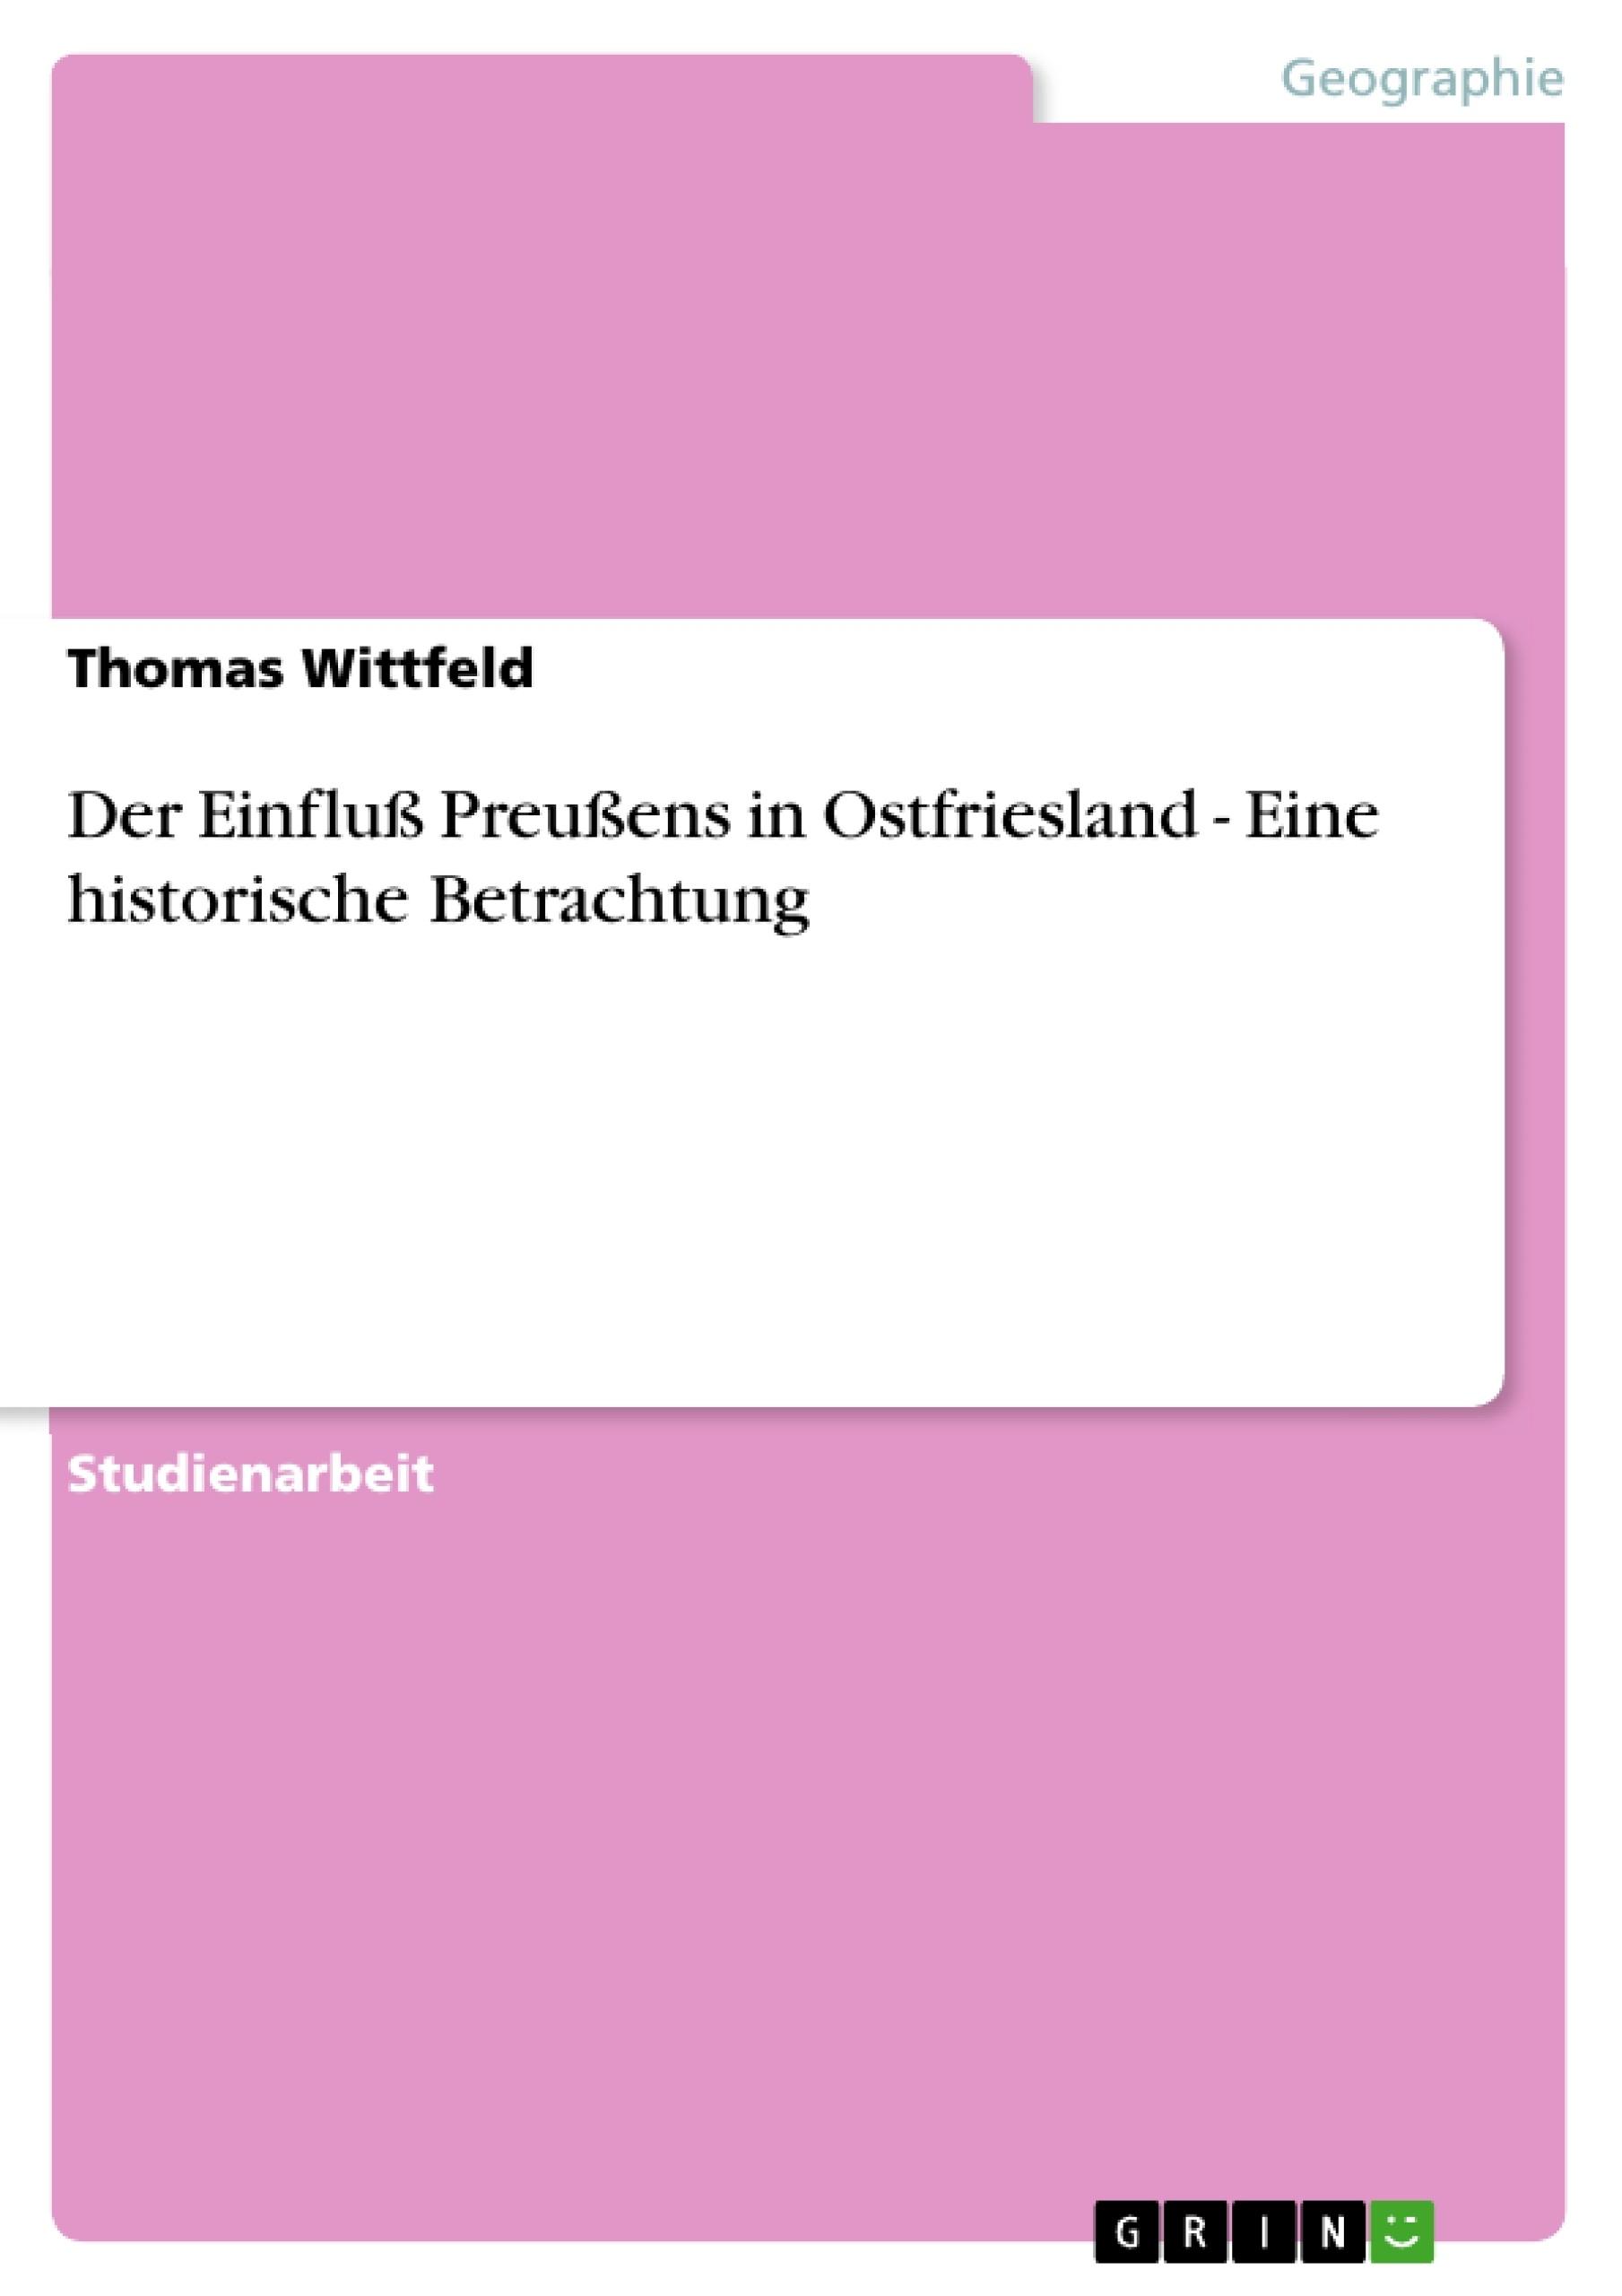 Titel: Der Einfluß Preußens in Ostfriesland - Eine historische Betrachtung